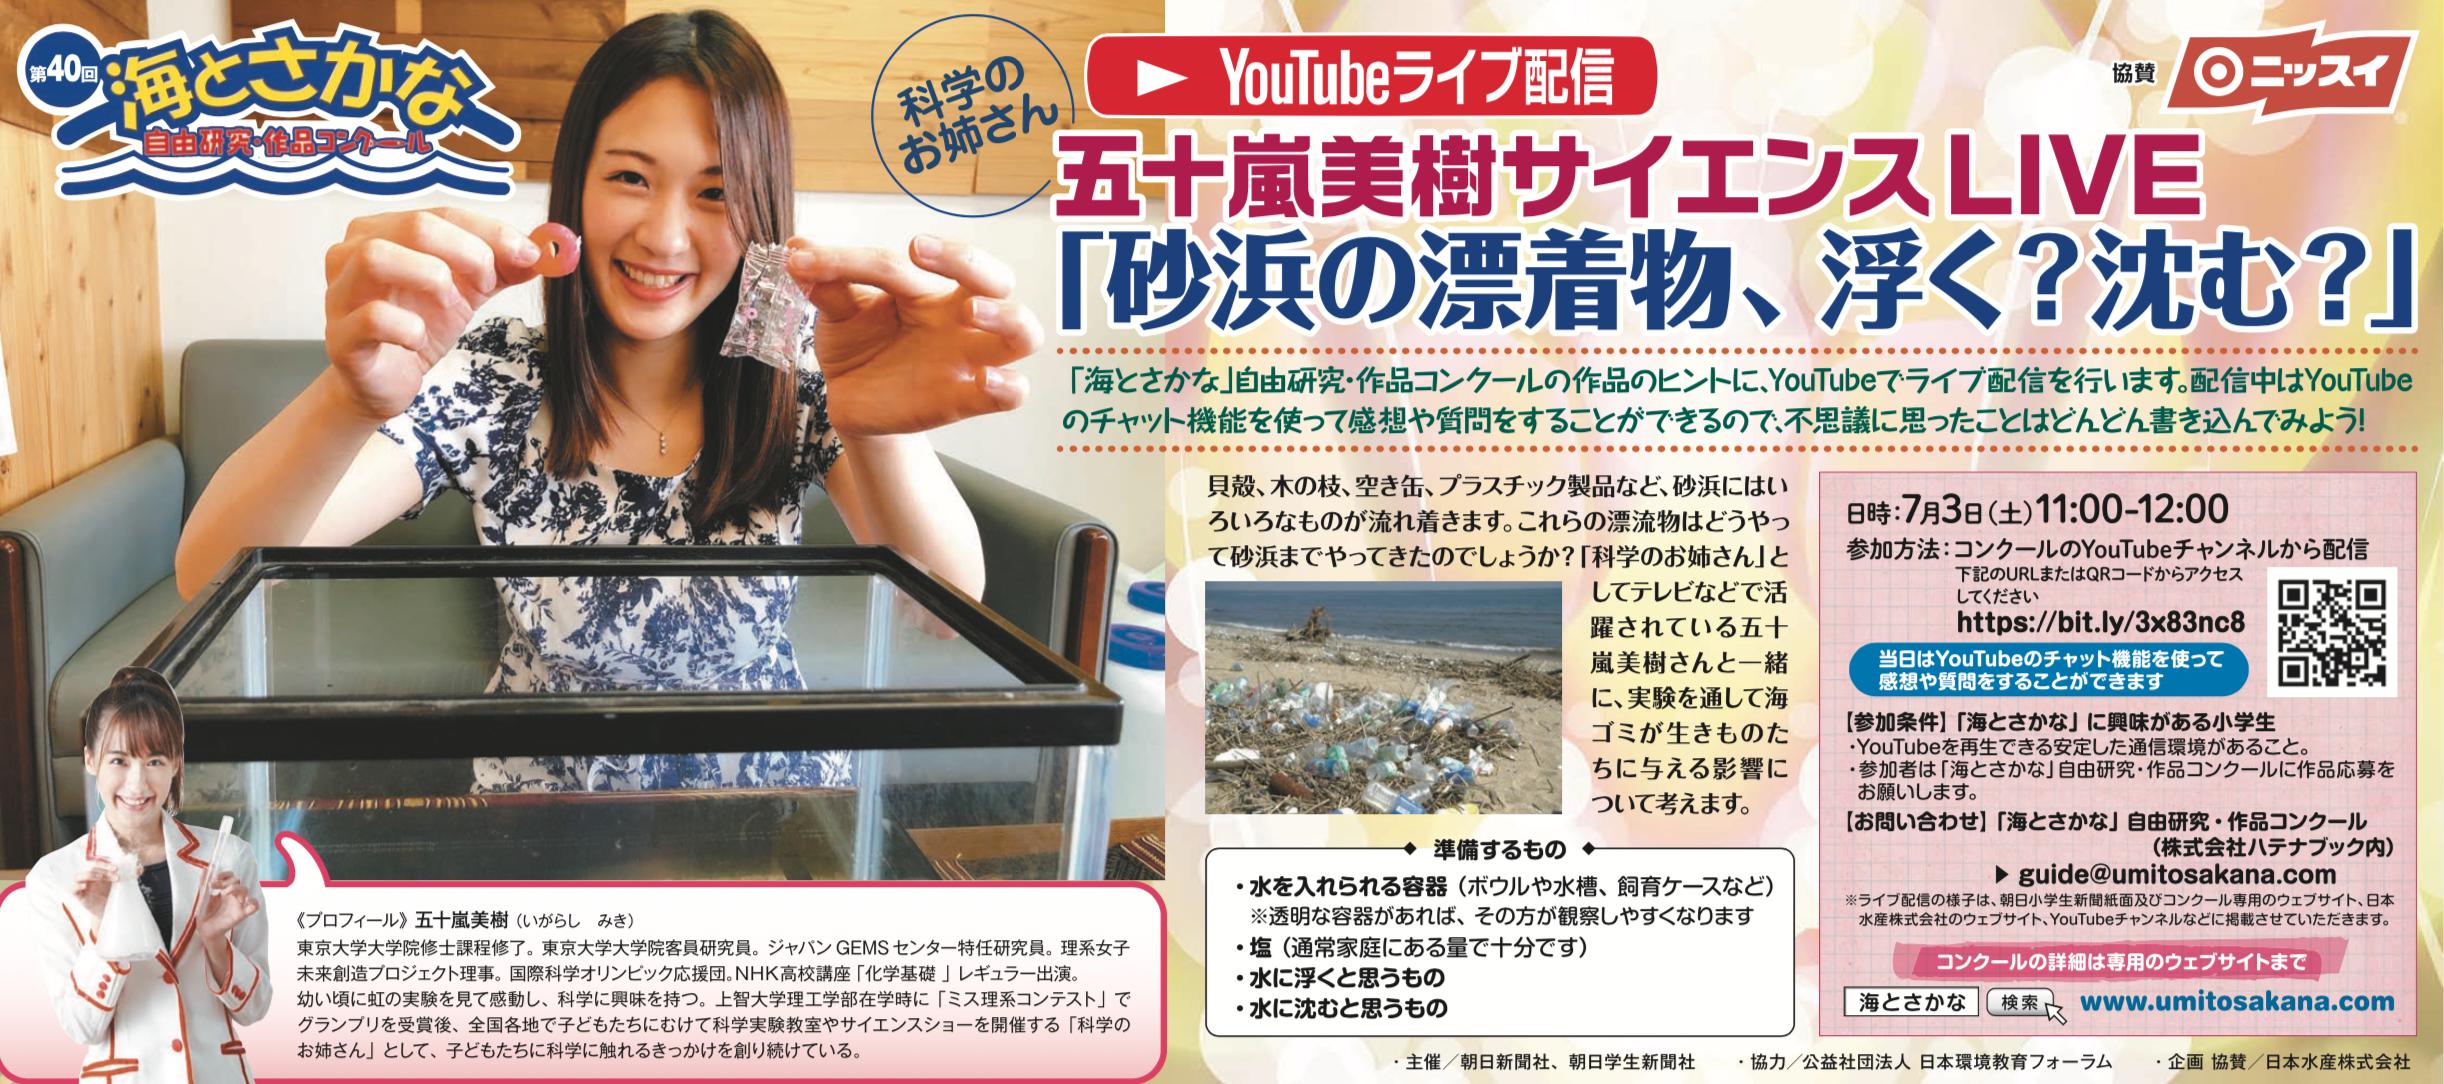 7/3(土)YouTubeライブ配信<br>五十嵐美樹サイエンスLIVE<br>「砂浜の漂着物、浮く?沈む?」開催!